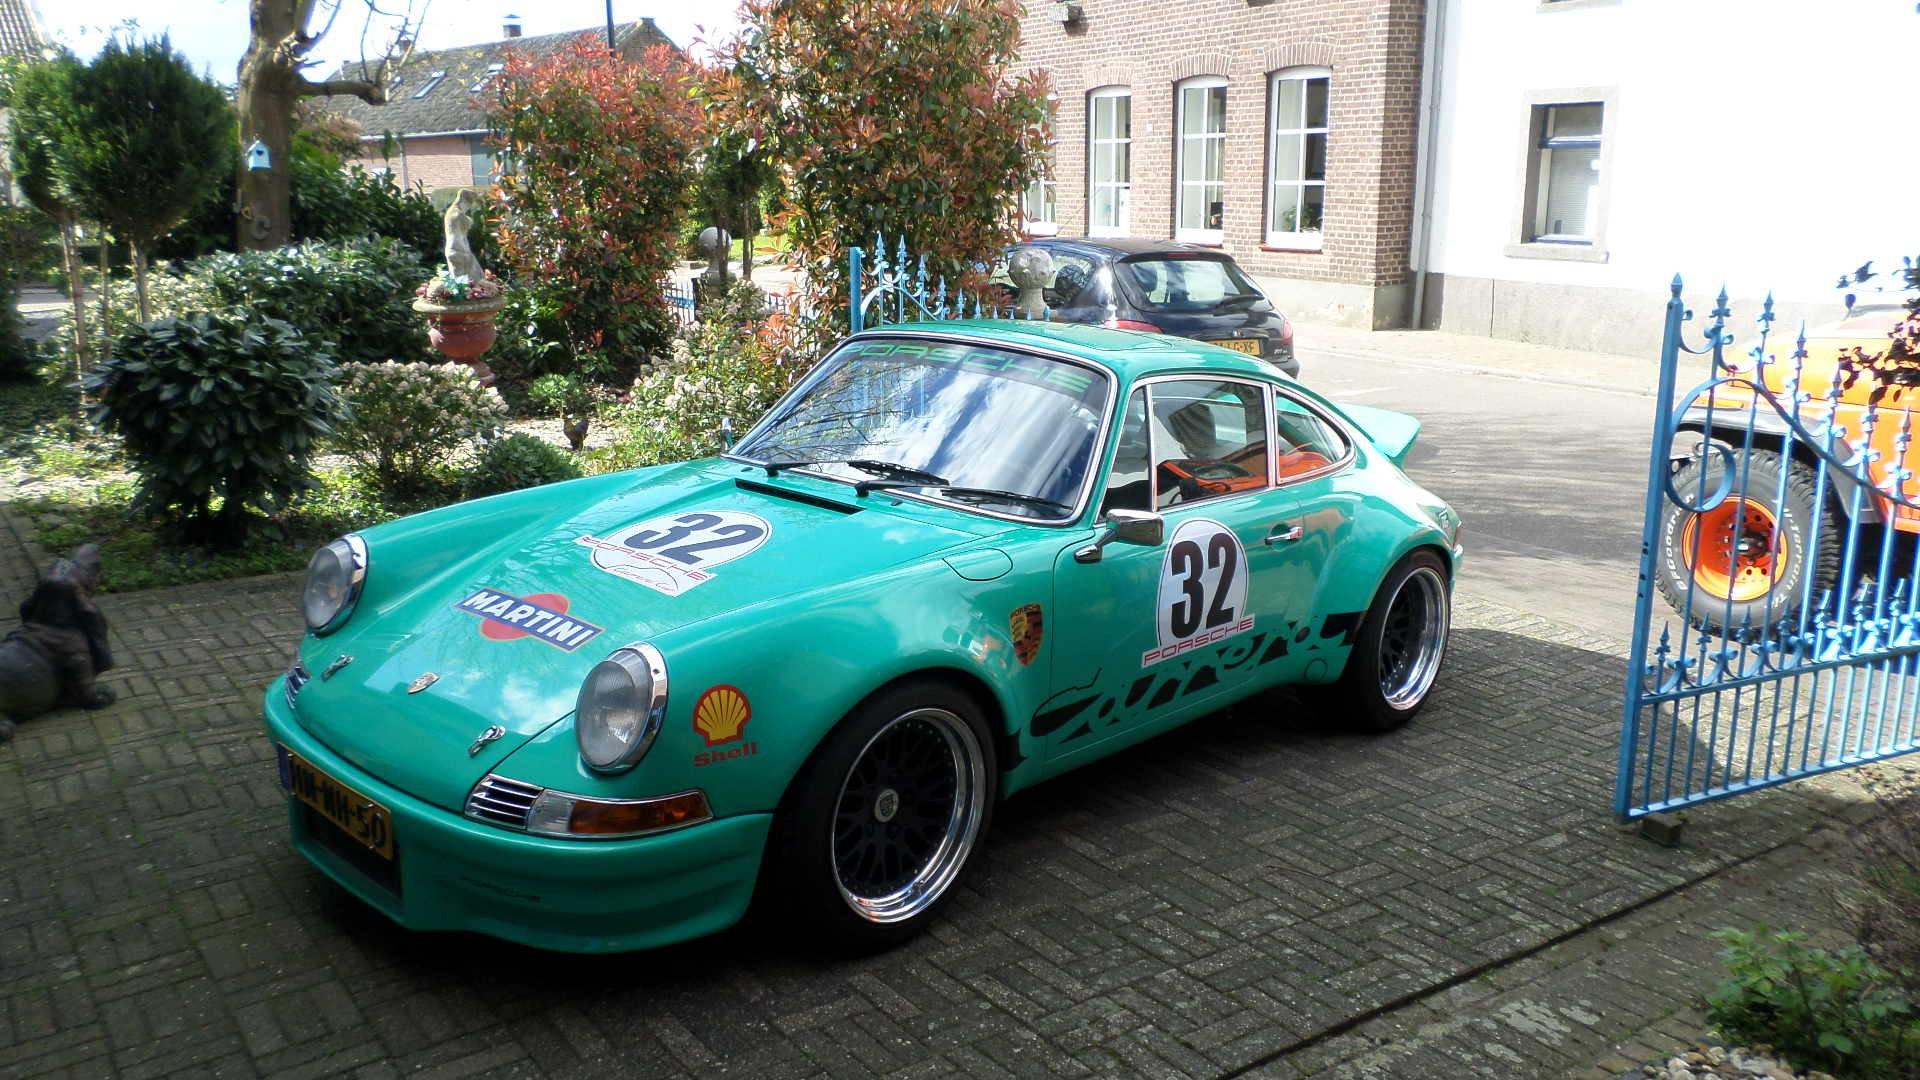 1985 Porsche 2.8 RSR replica For Sale (picture 1 of 6)